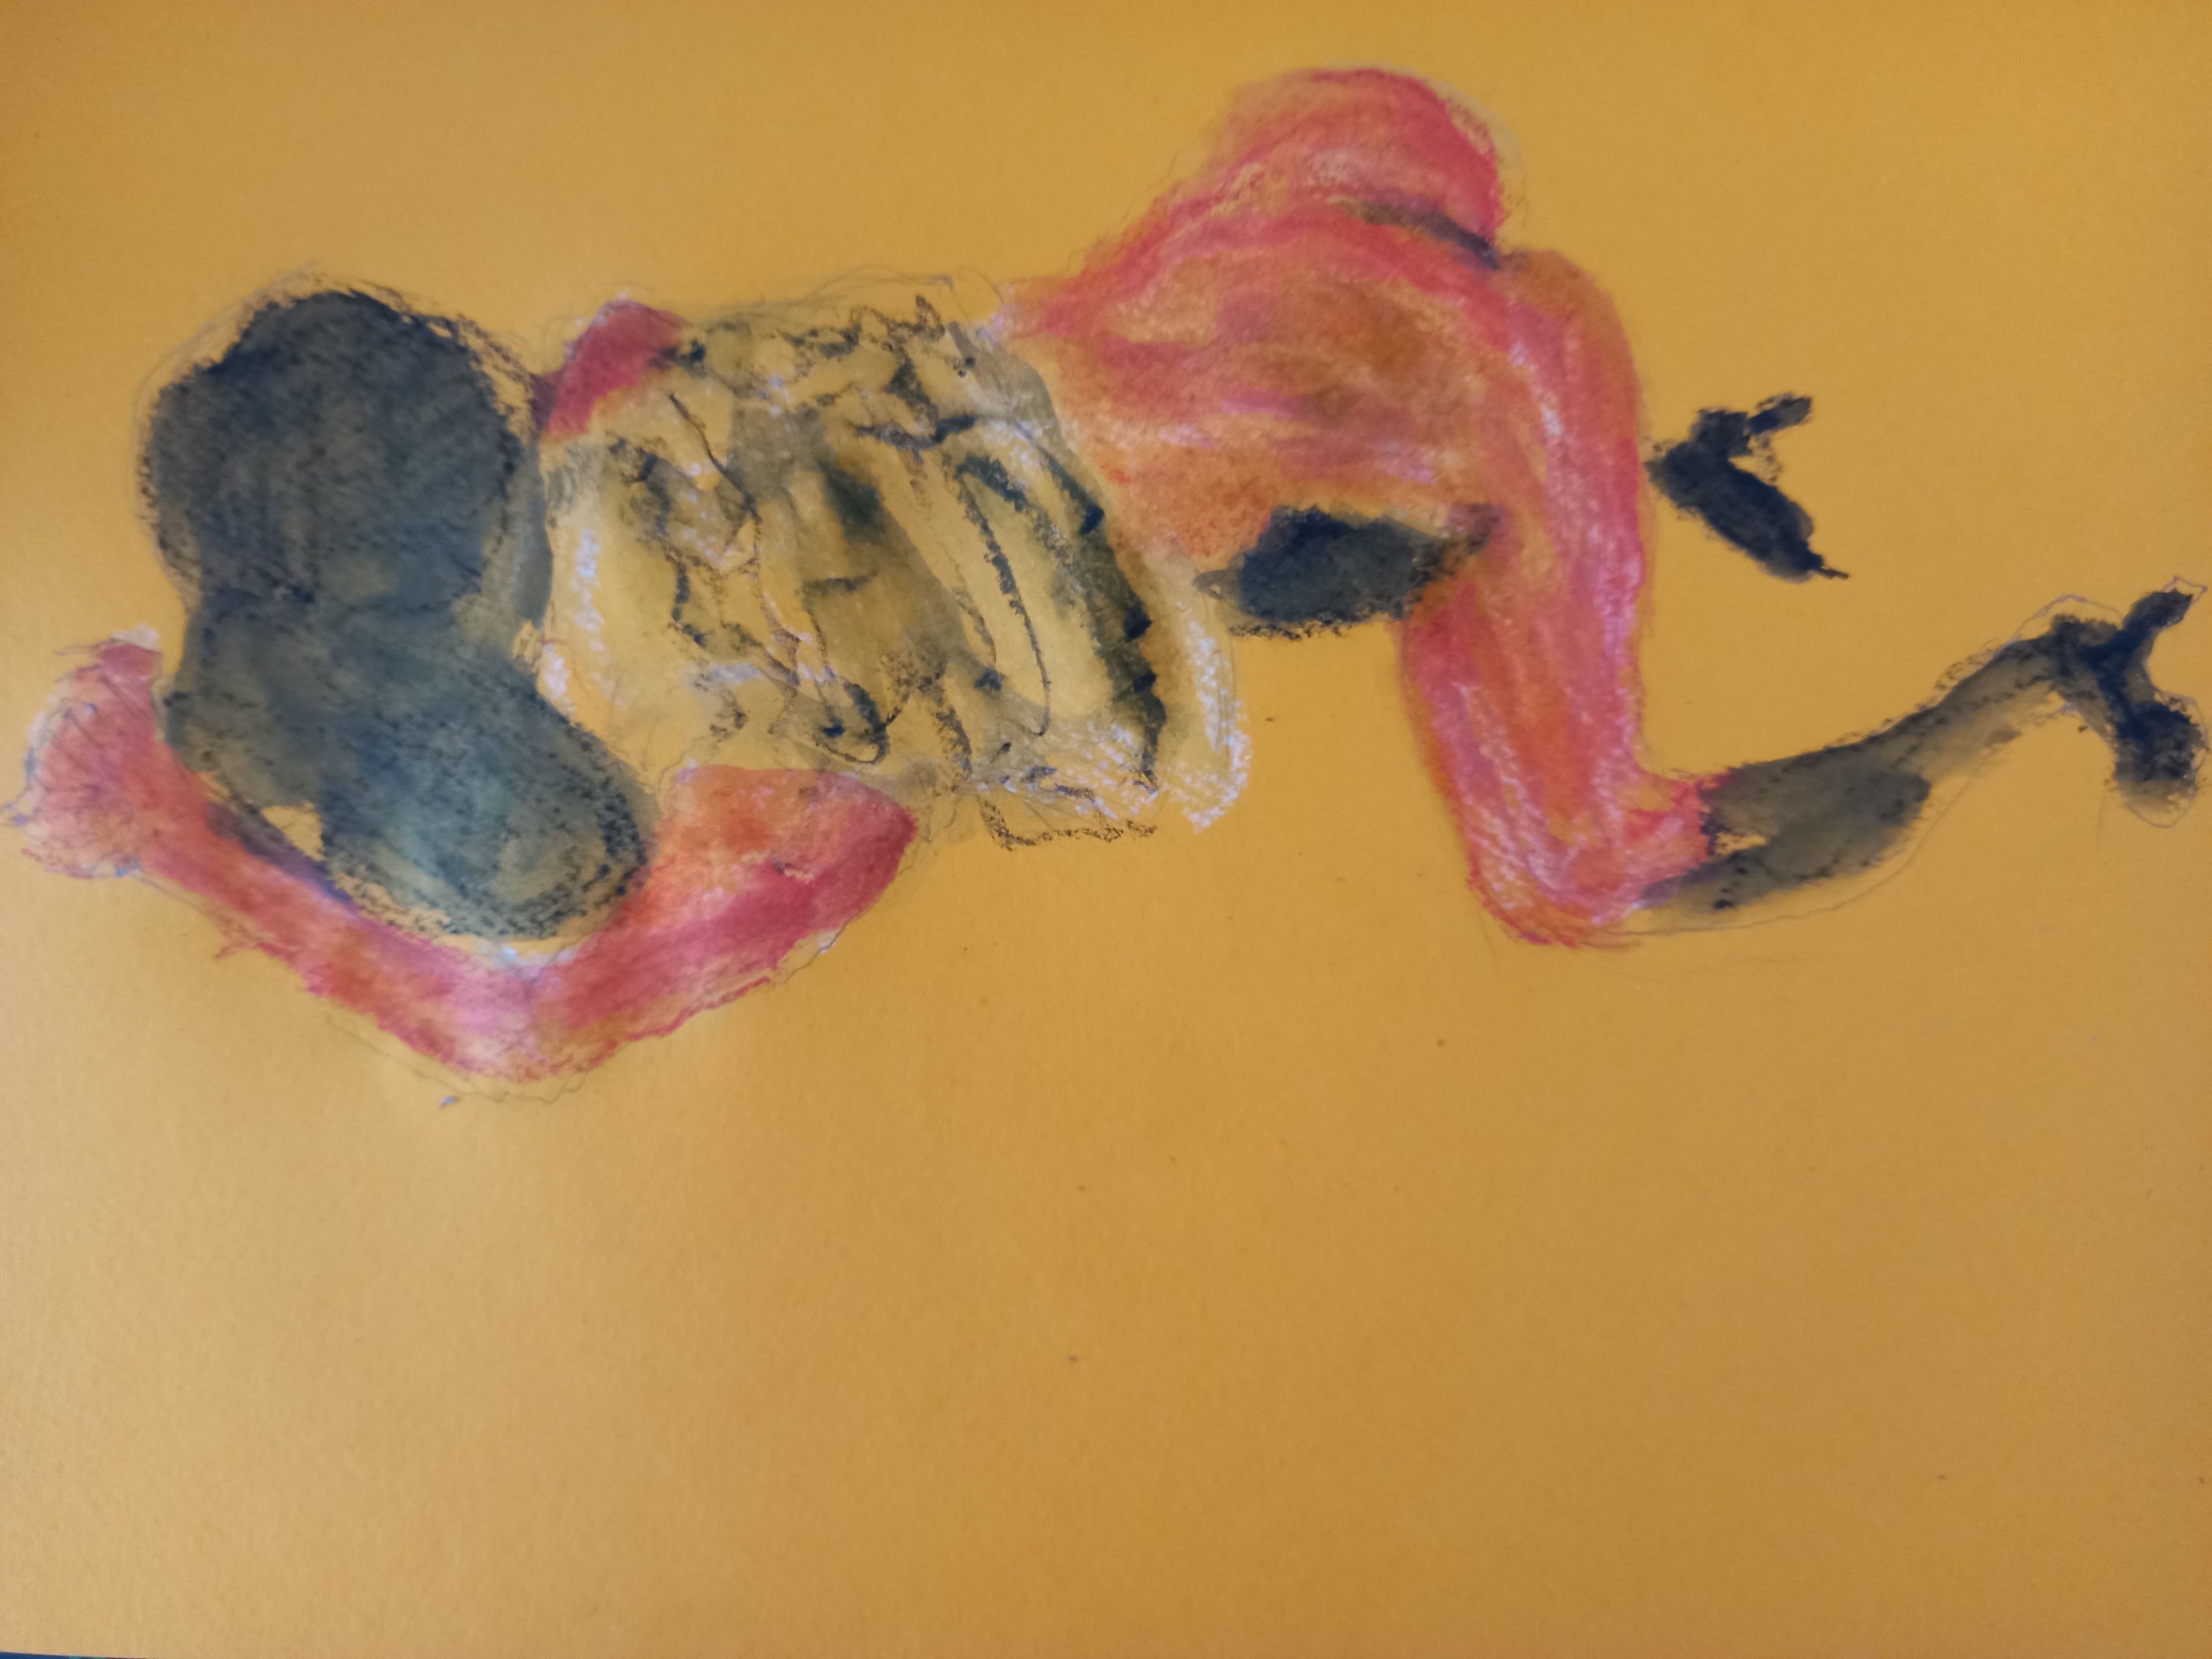 Dessin pastel  à partir d'une pause et d'un tableau  egon schiele  cours de dessin